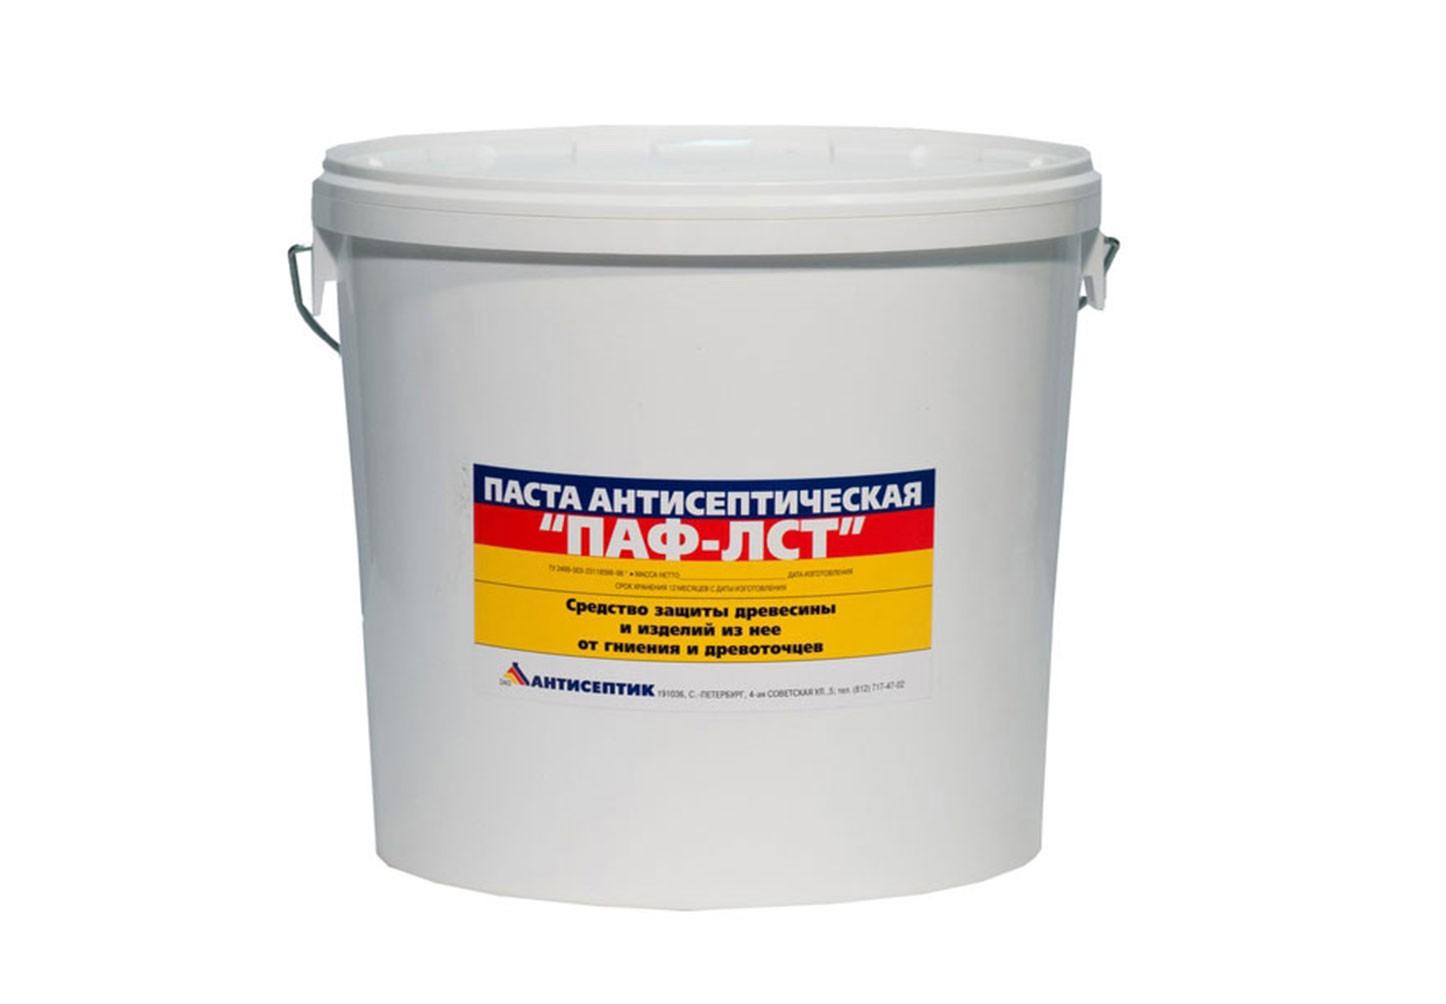 Паста-концентрат ПАФ-ЛСТ защищает древесину от гниения и древоточцев, является лучшей защитой от поражения домовыми грибами сырой древесины, работающей в замкнутом пространстве и непроветриваемом помещении.